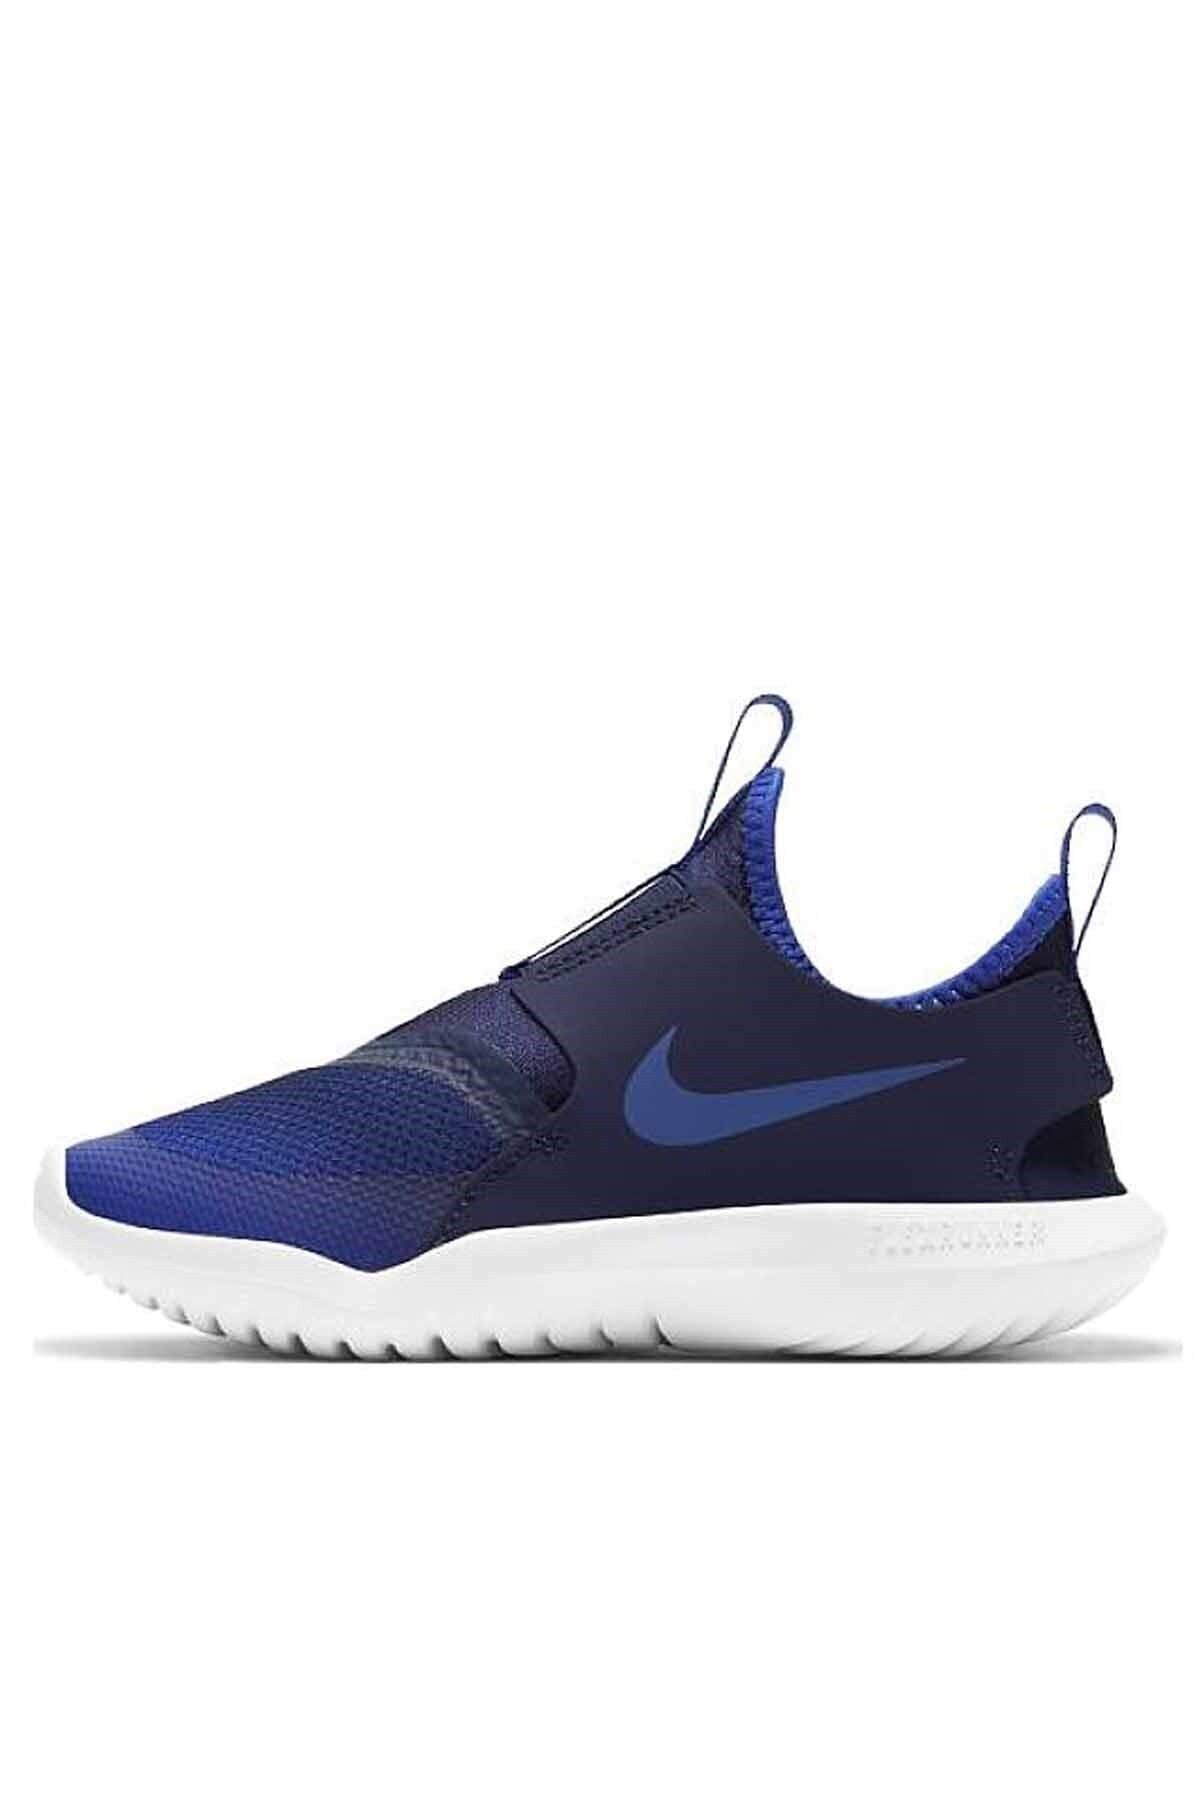 Nike Unisex Çocuk Lacivert Flex Runner Yürüyüş Koşu Ayakkabı At4663-407 2